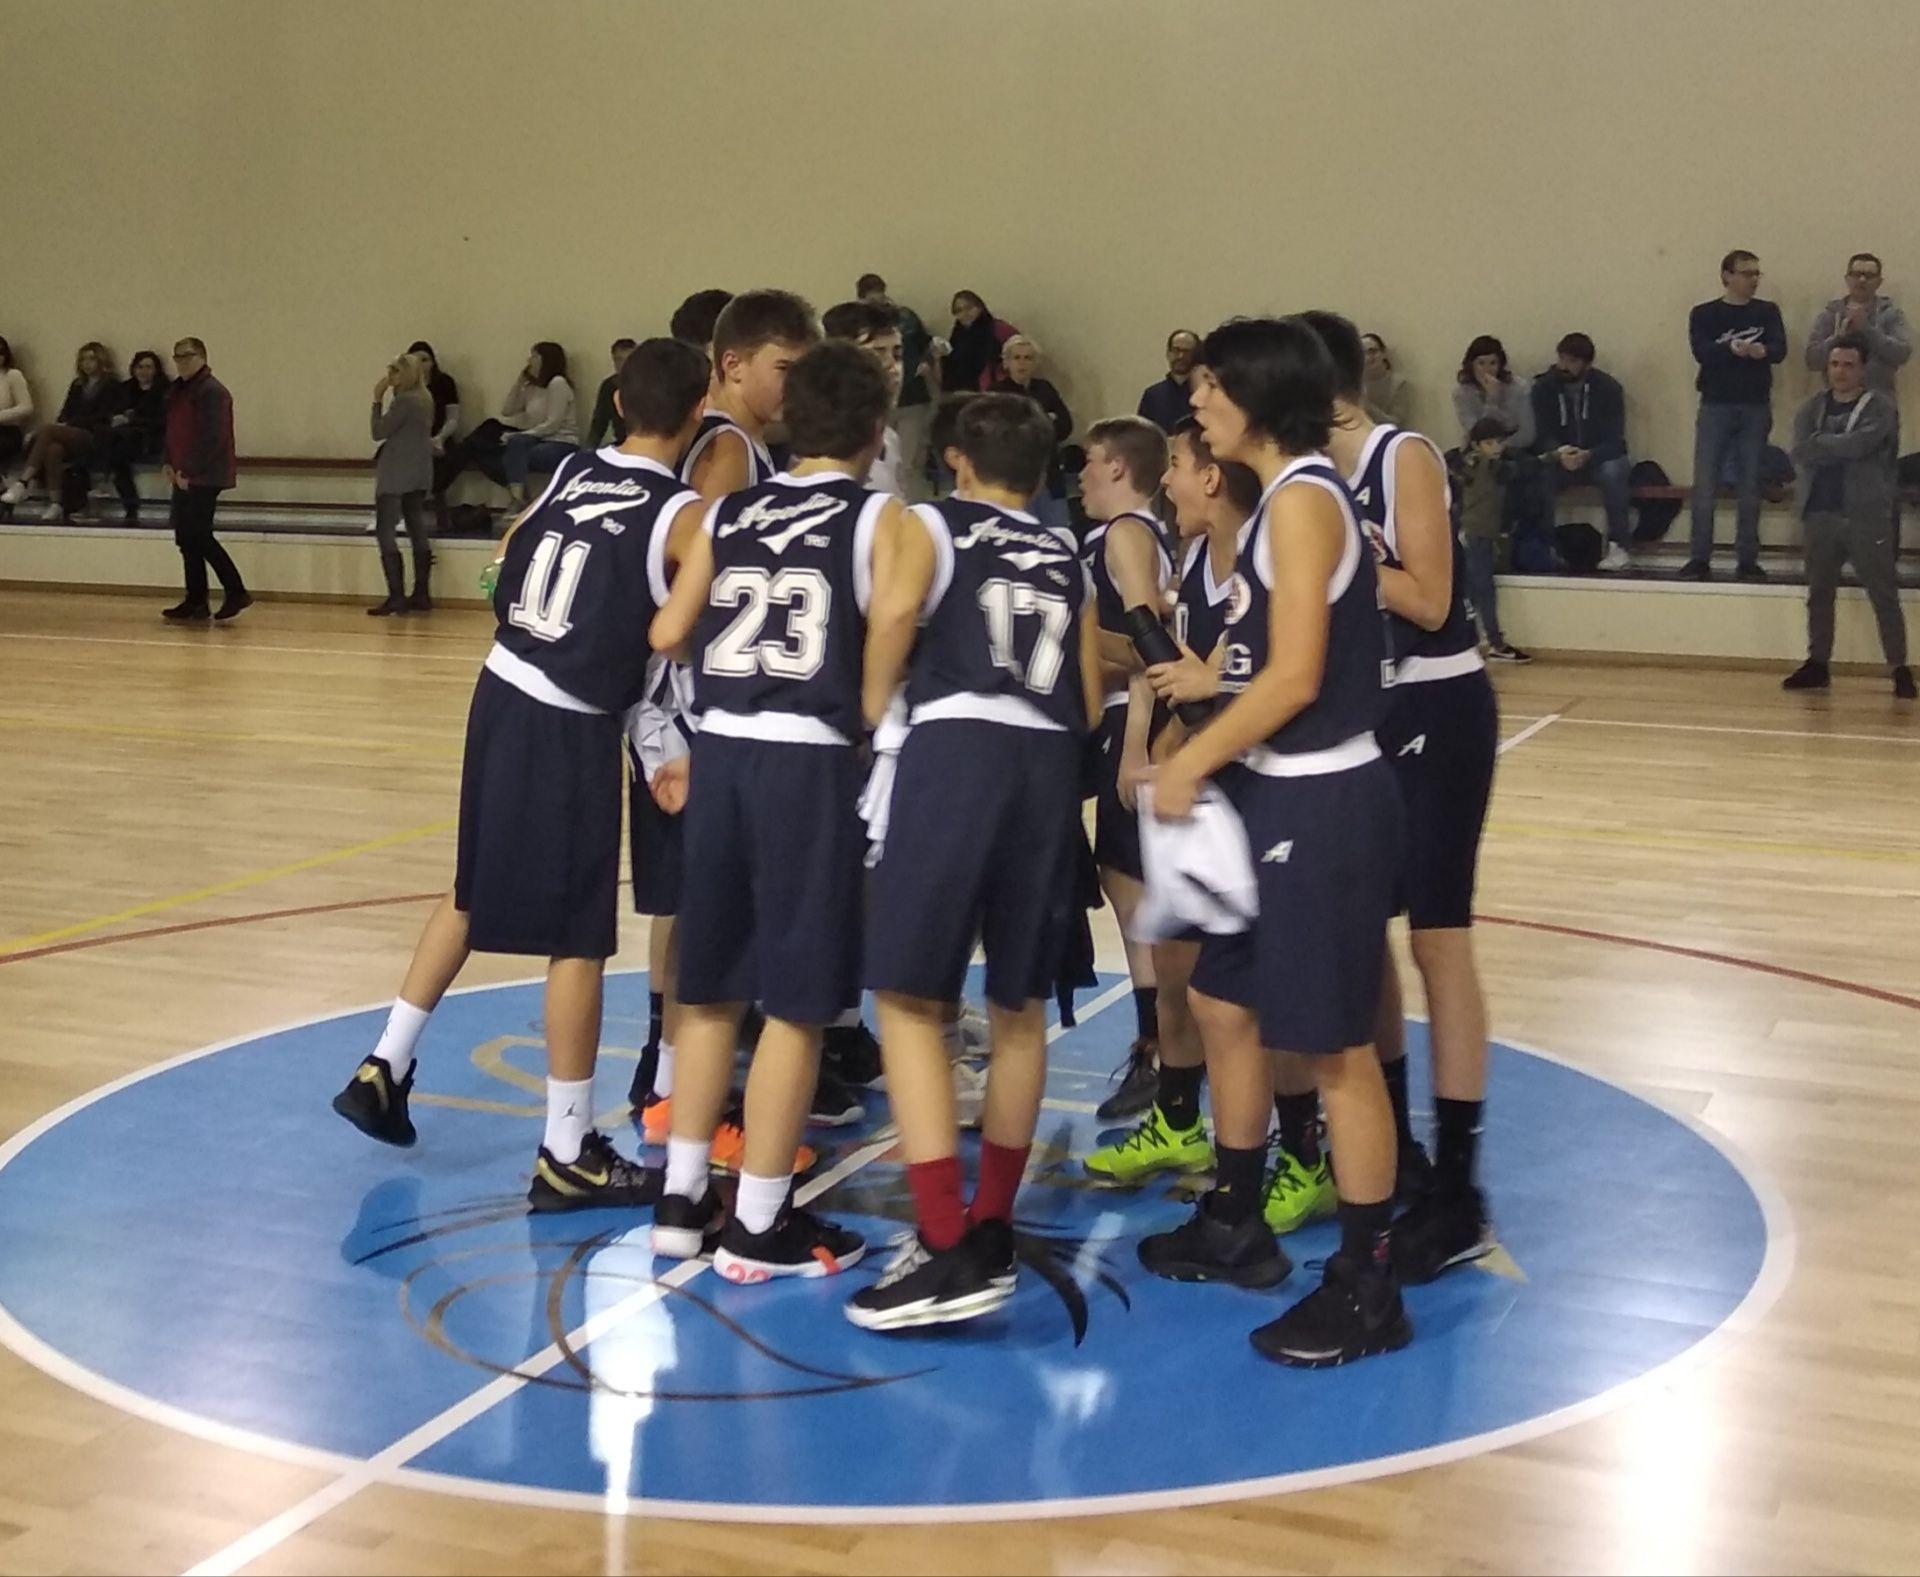 Campionato U14 TOP  – Virtus Desenzano vs Argentia Bianchi (75 – 76)